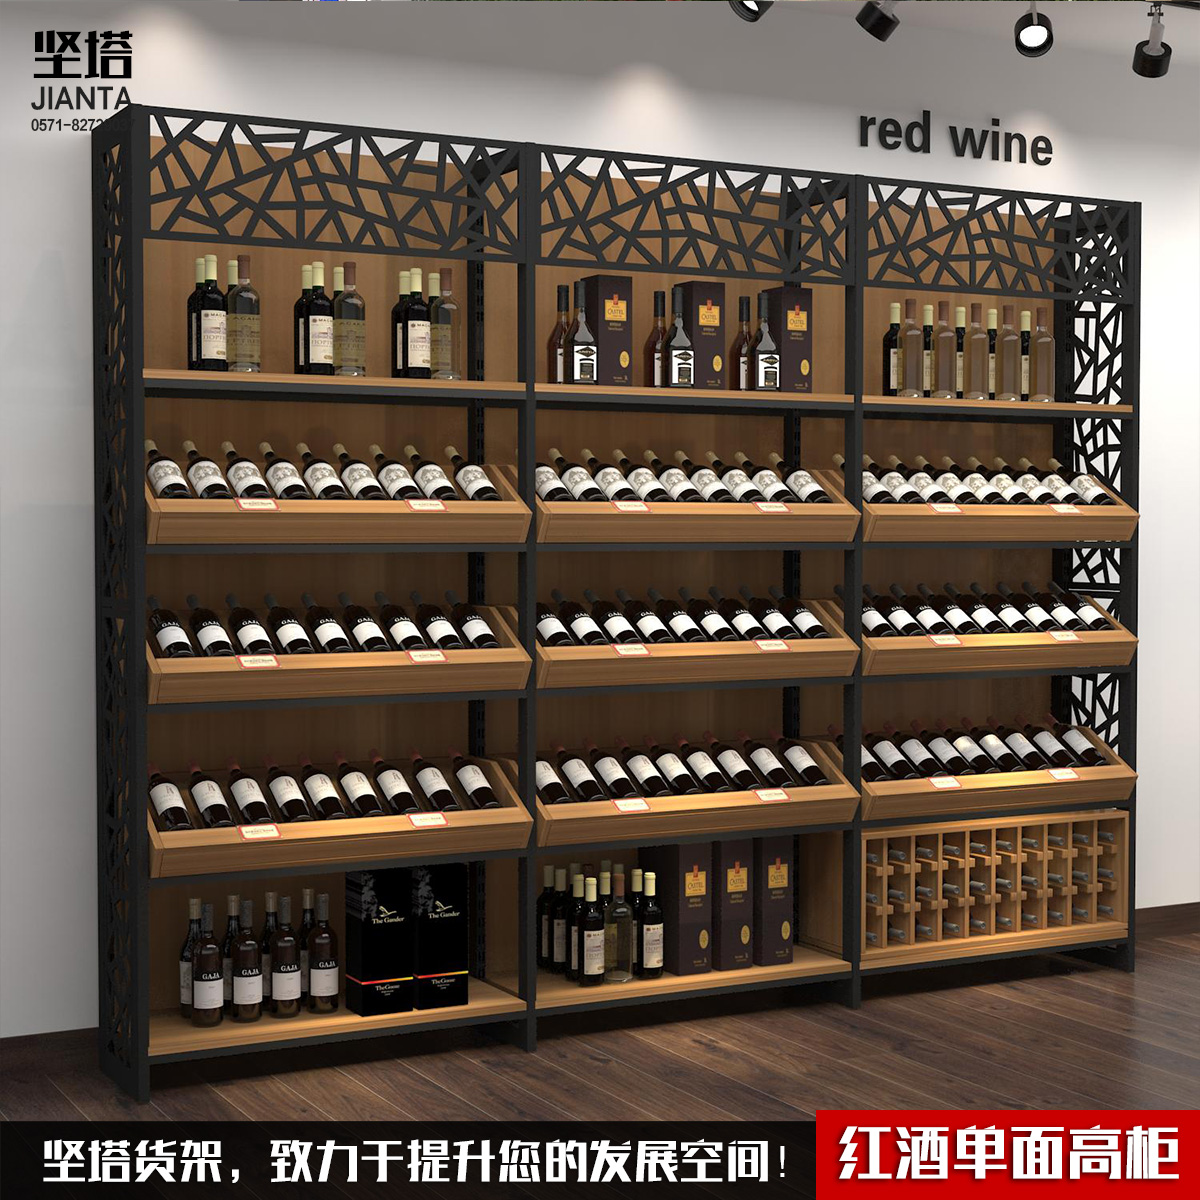 Разборка сталь дерево многослойный вино полка суперпозиция творческий вино шоу в остров украшение кабинет крепки башня продаётся напрямую с завода